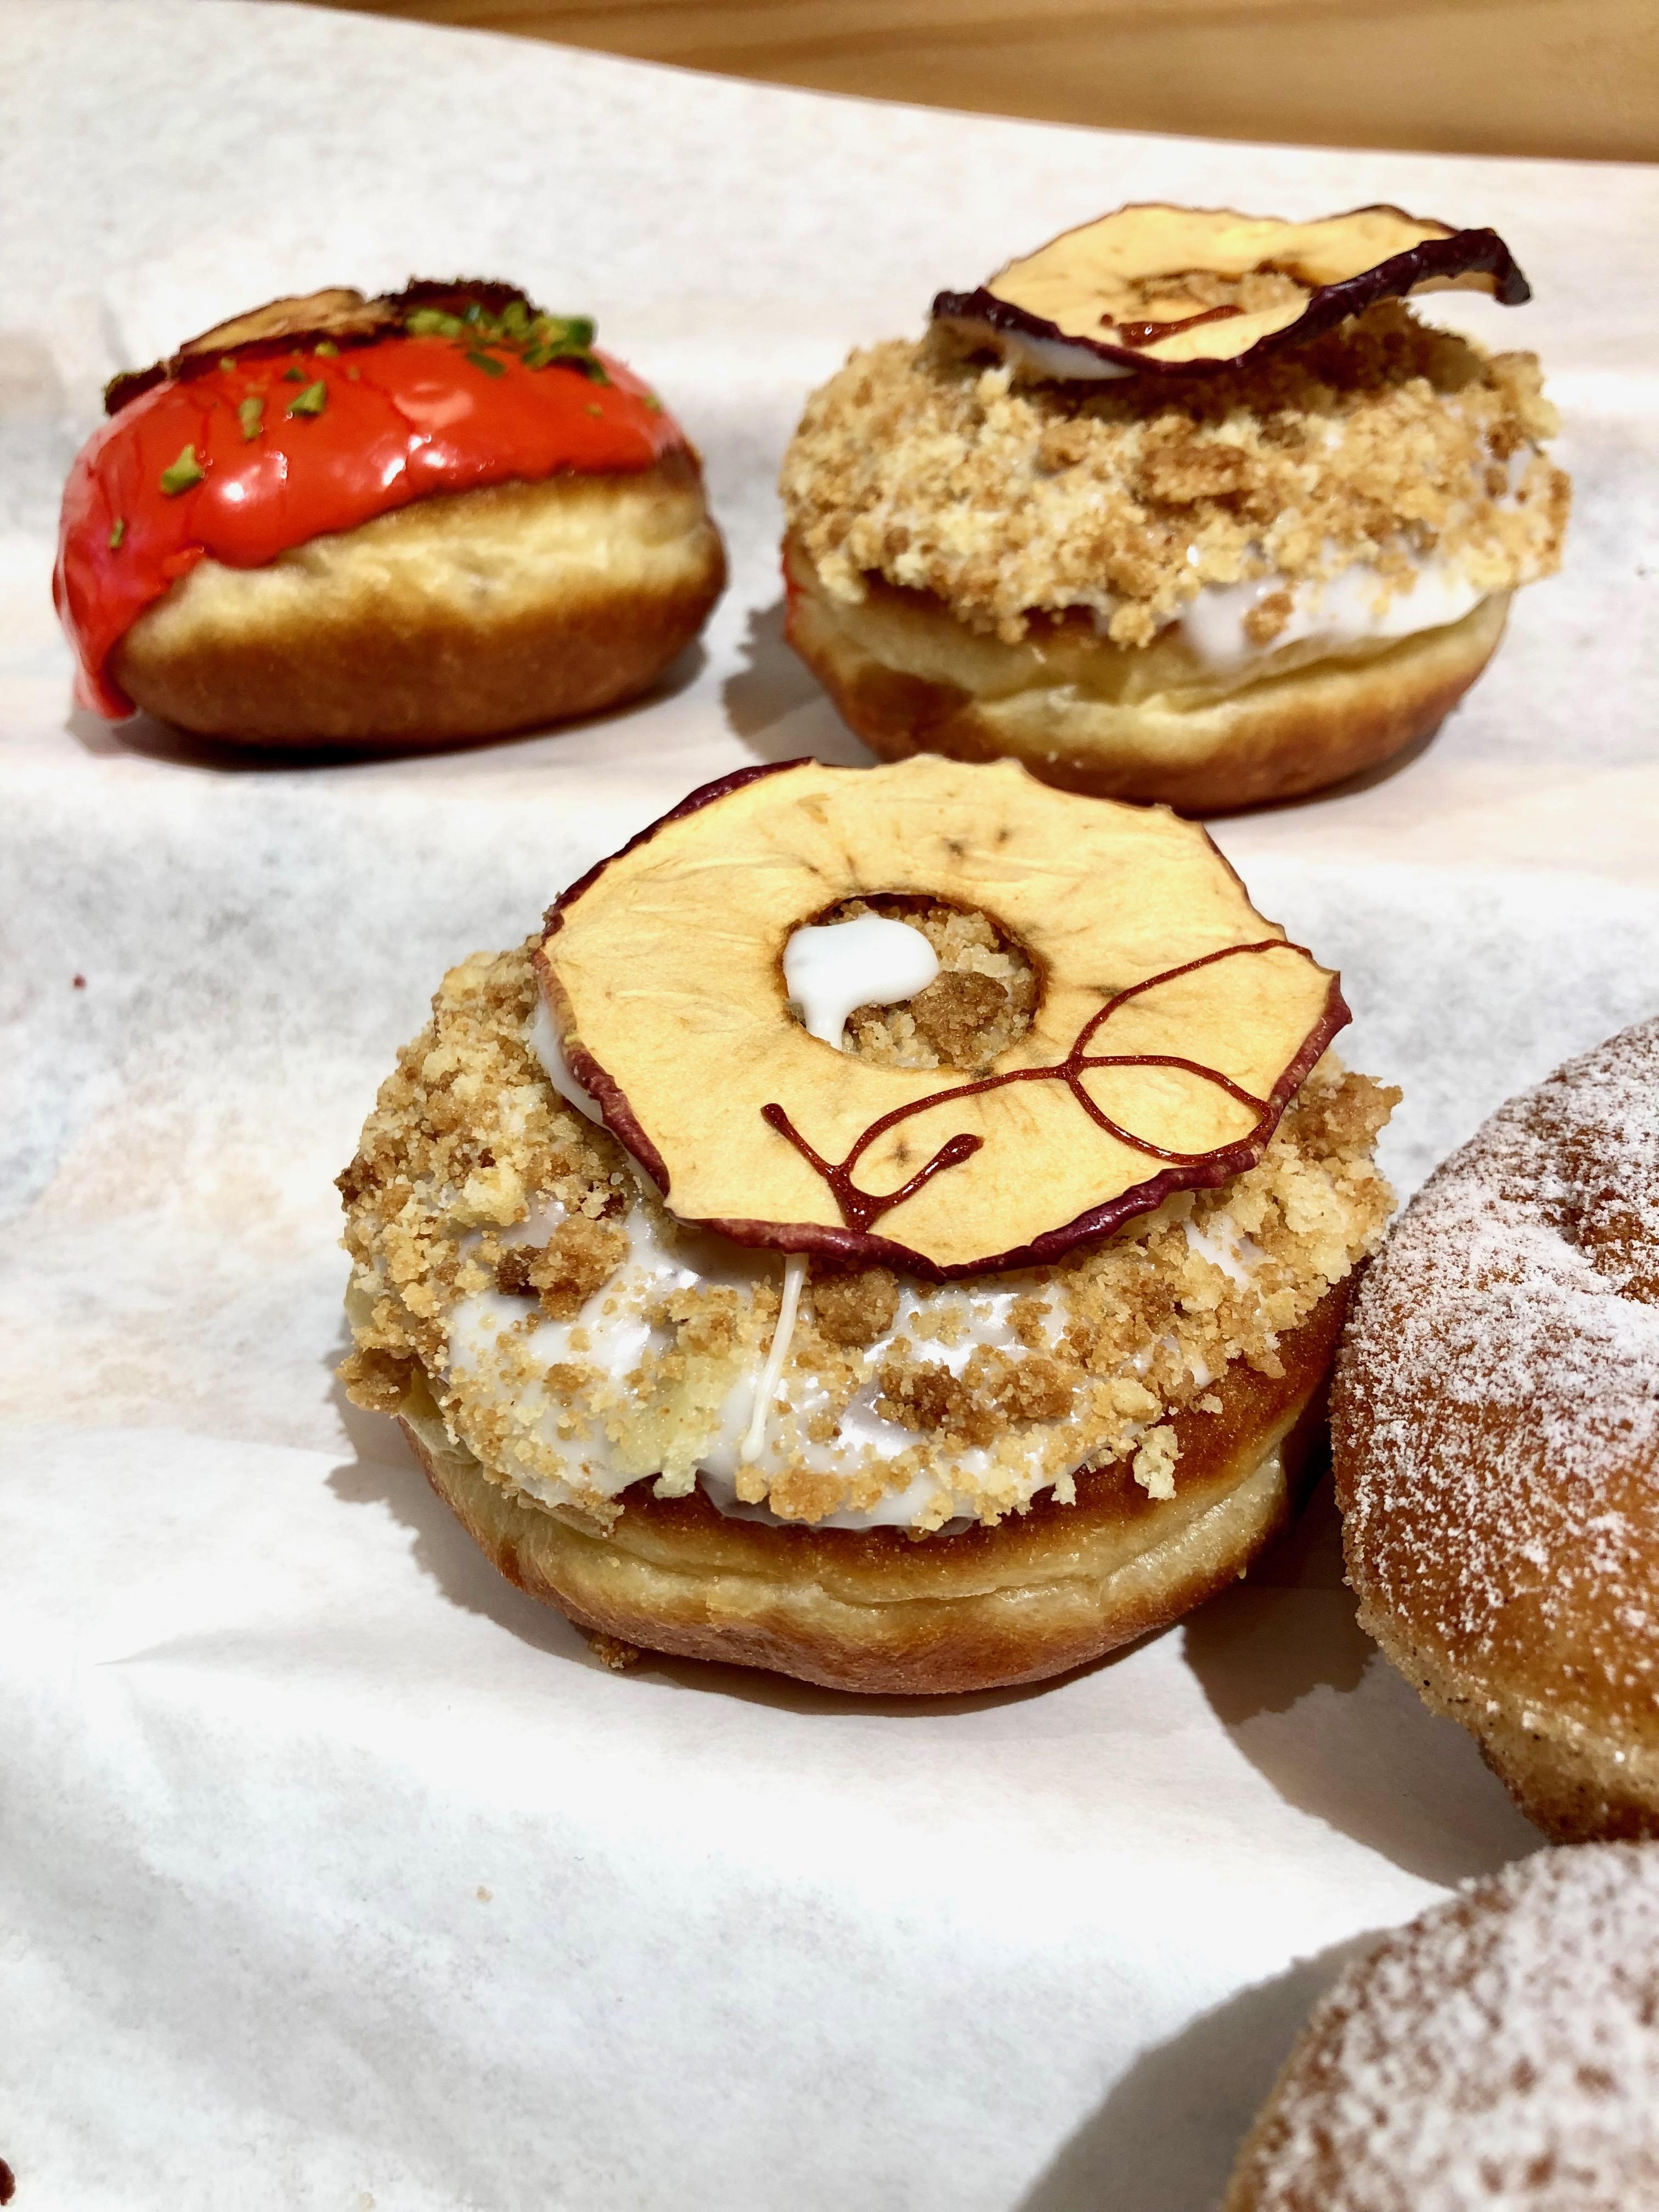 Herrlicher Apfelkuchen mit Butterstreuseln wie Oma ihn schon gemacht hat. Nur eben als Berliner-Pfannkuchen-Variante.